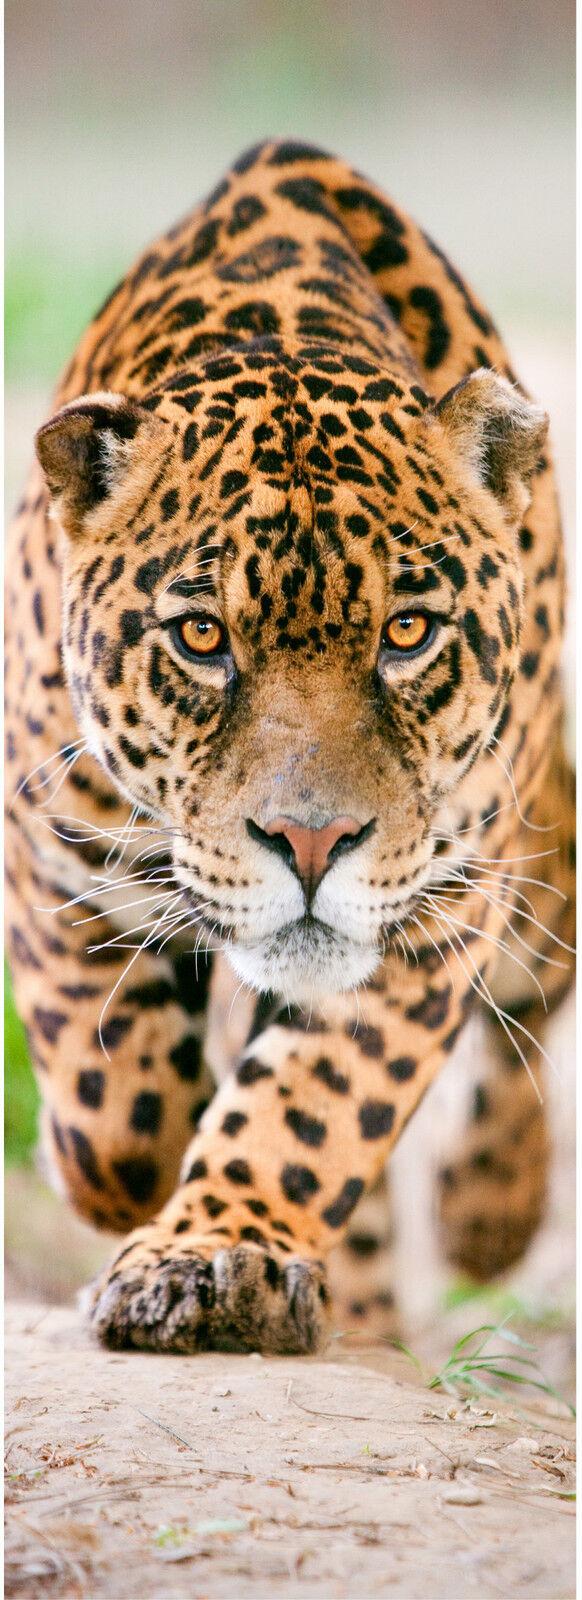 Carta dipinto per porta inganna l'occhio decocrazione Jaguar ref ref ref 527 d8c2ae